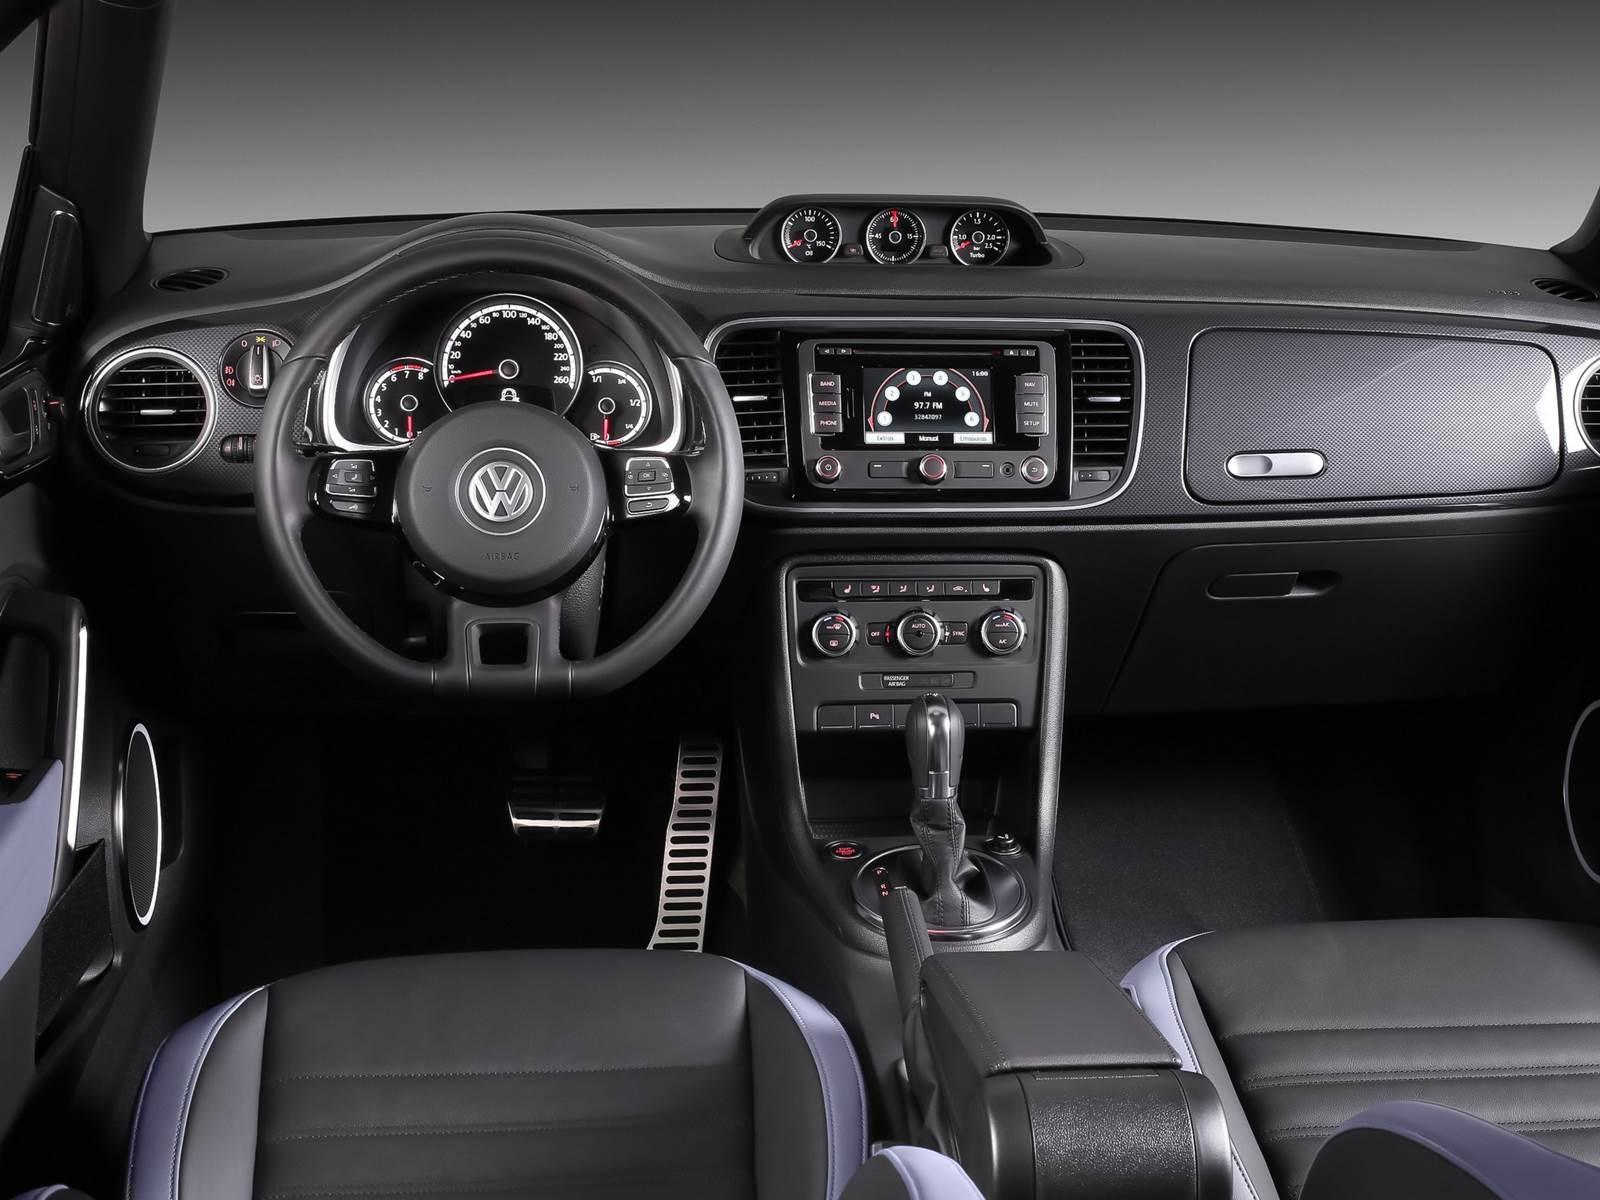 VW Fusca 2017 Conversível - interior